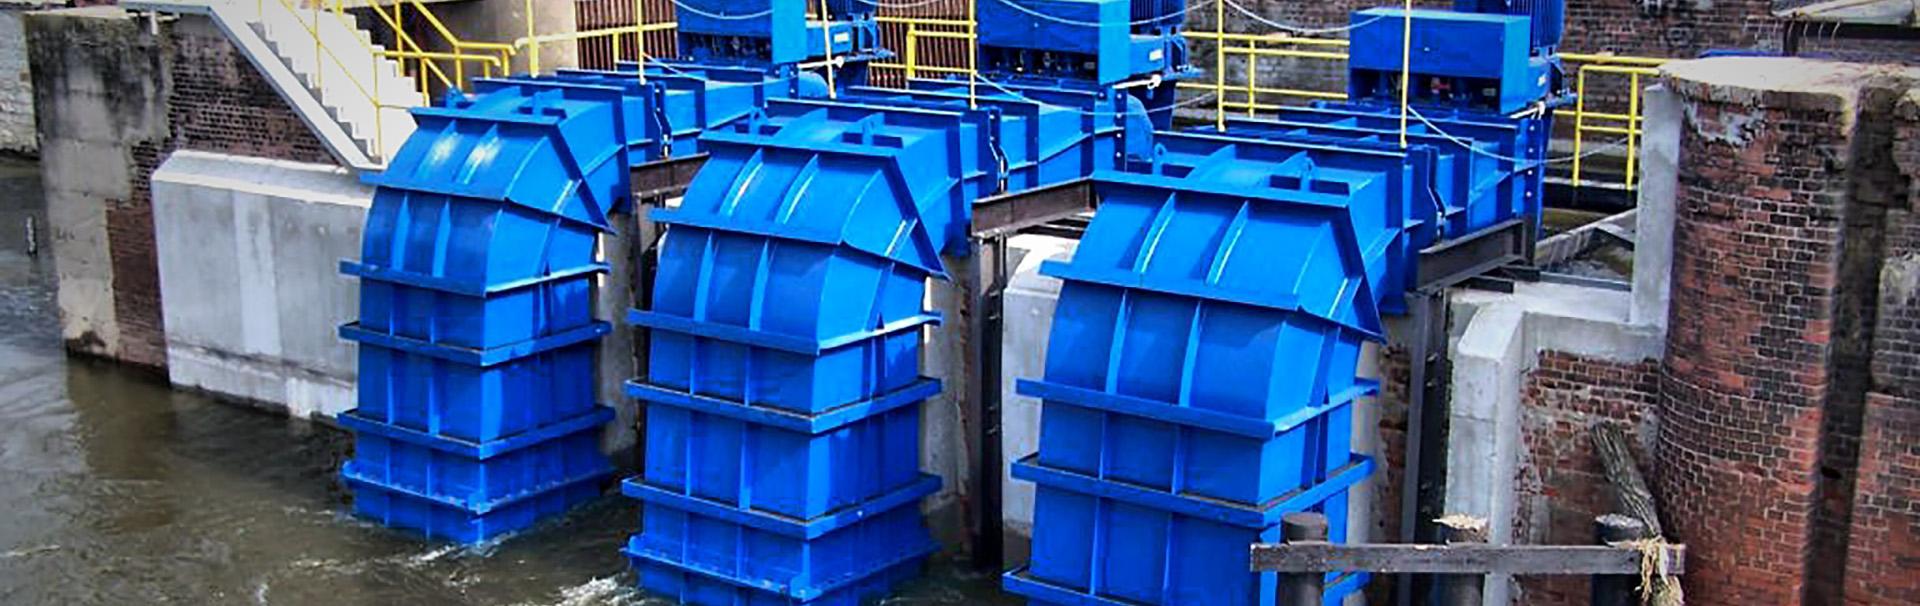 Adaptacja budowli hydrotechnicznych dla potrzeb zmontowania turbin lewarowych przy modernizacji MEW Oława II